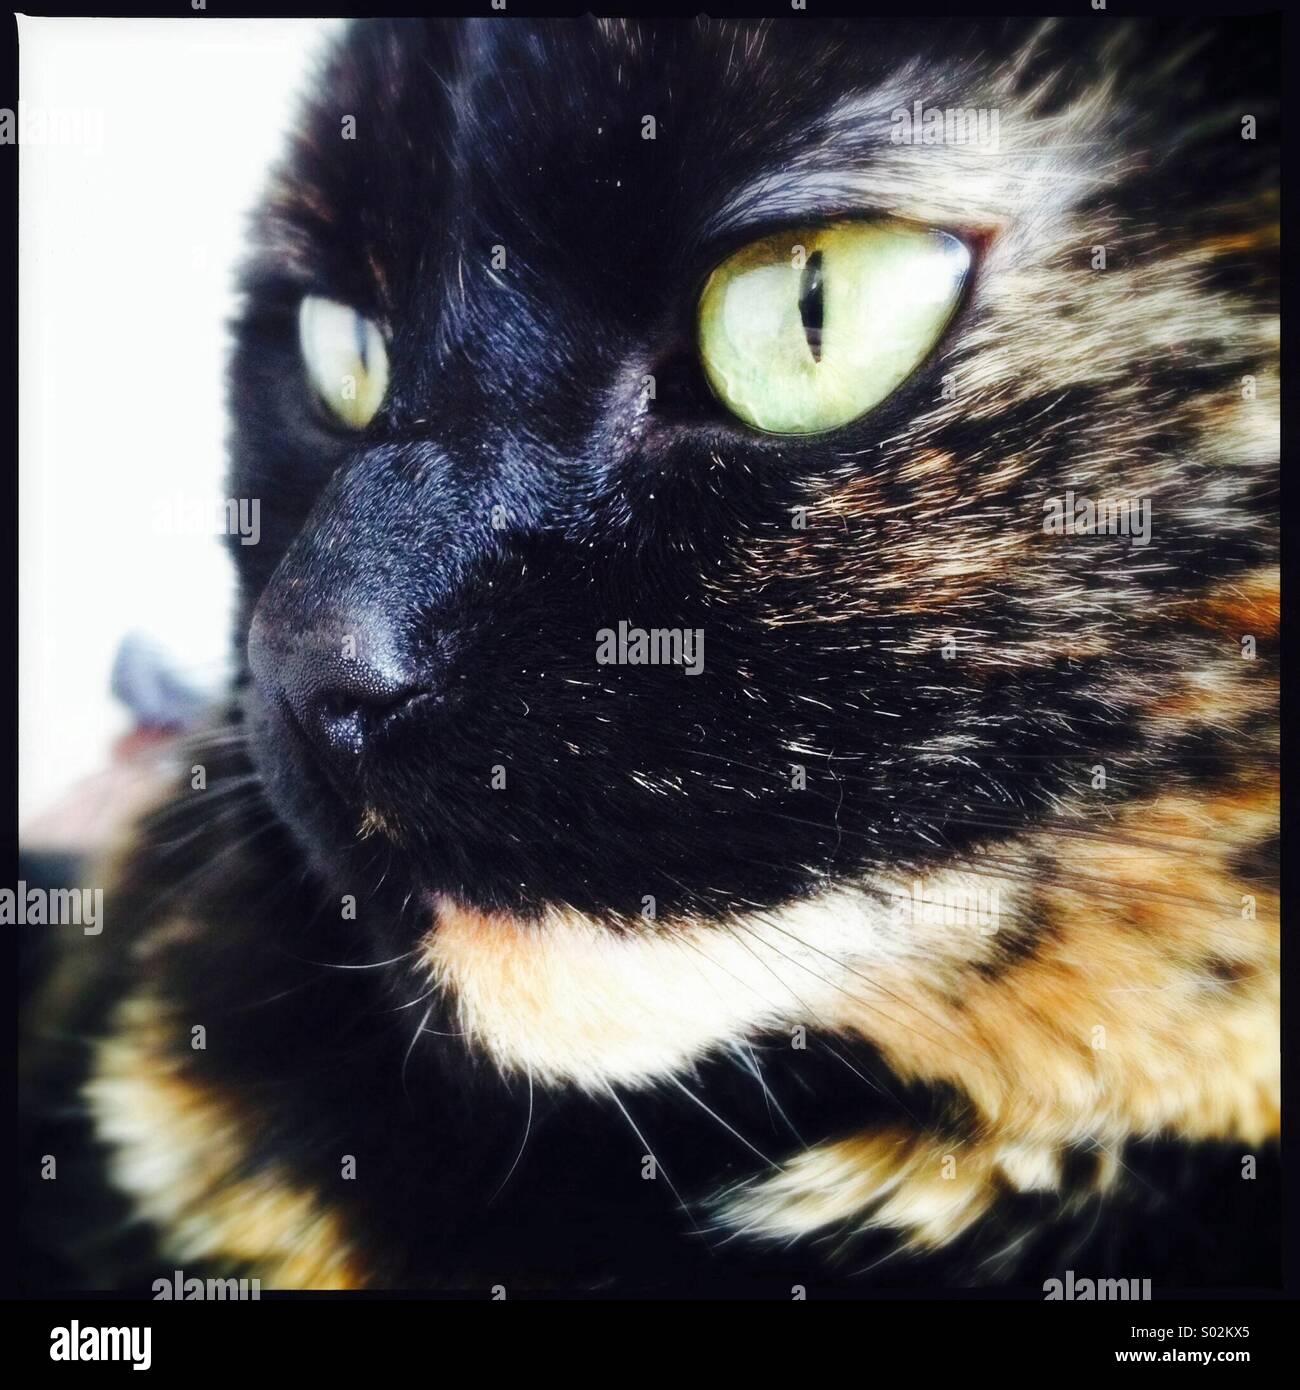 Tortie Cat - Stock Image